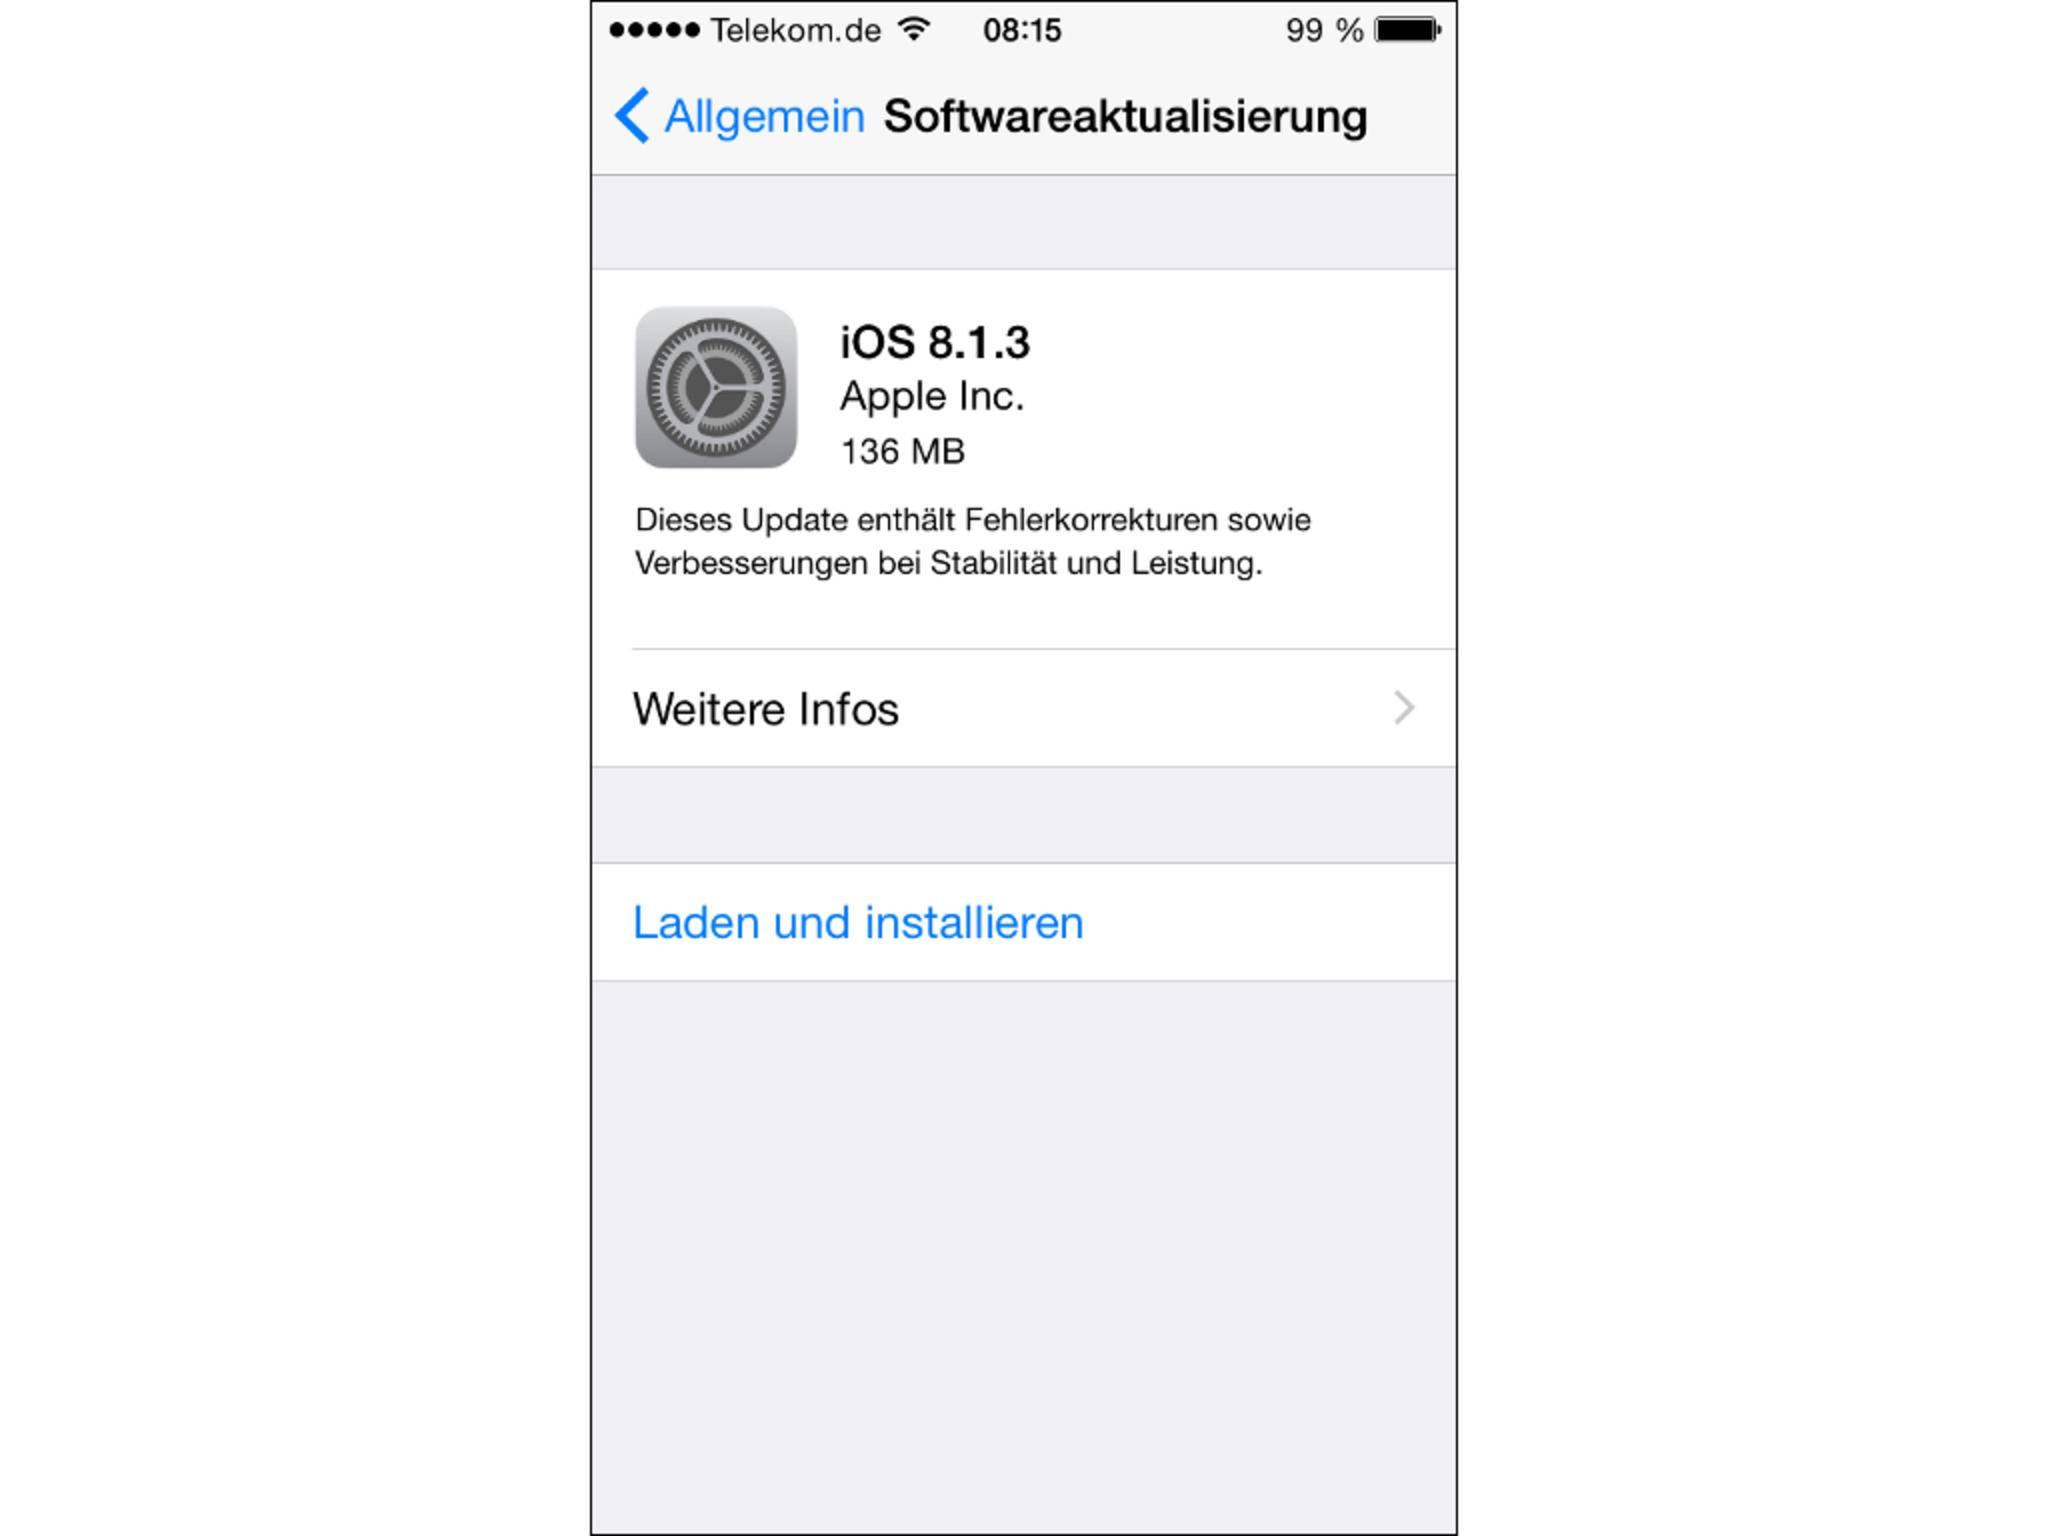 iOS 8.1.3 schließt zahlreiche Sicherheitslücken.